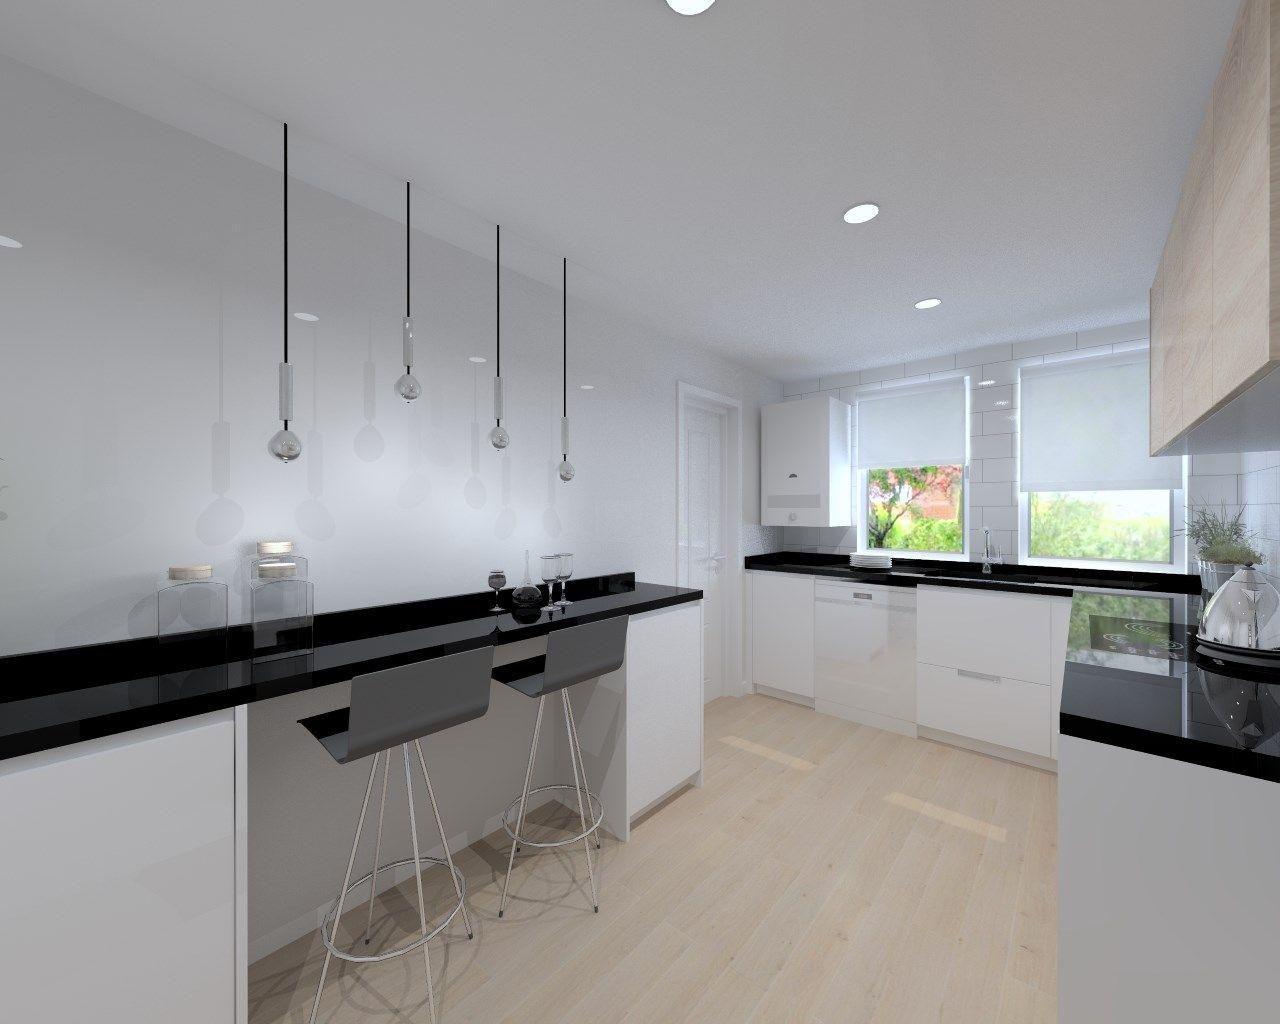 Cocina santos modelo line estratificado blanco con for Encimera de cocina lacada en blanco negro